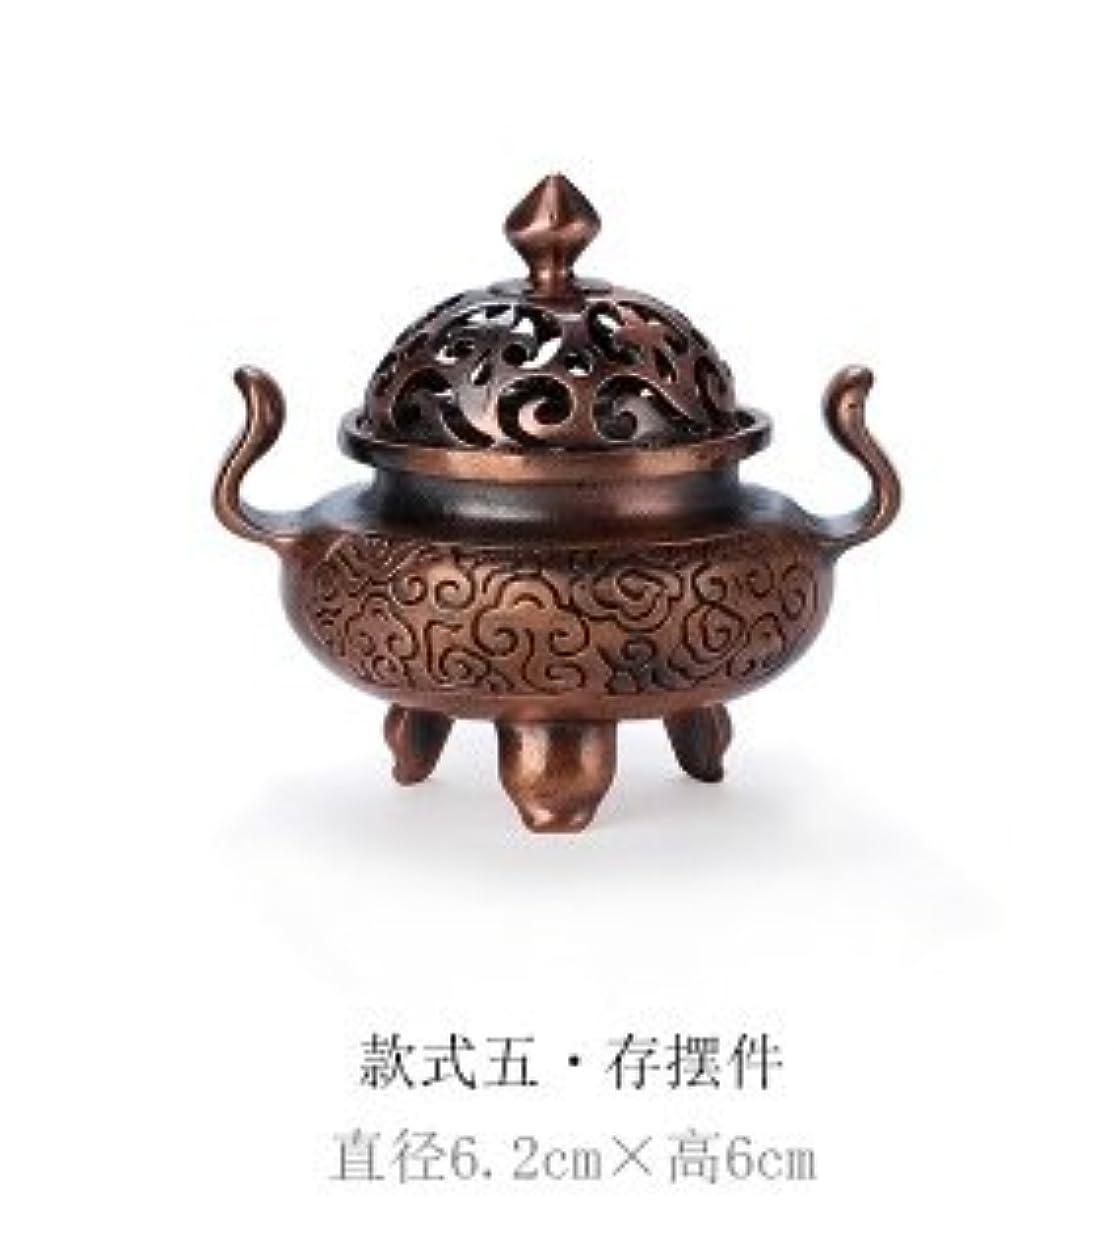 普通のひまわり下向き金属镂空檀香香炉 功夫茶具 アクセサリー茶装飾 线香香炉 (銅色)